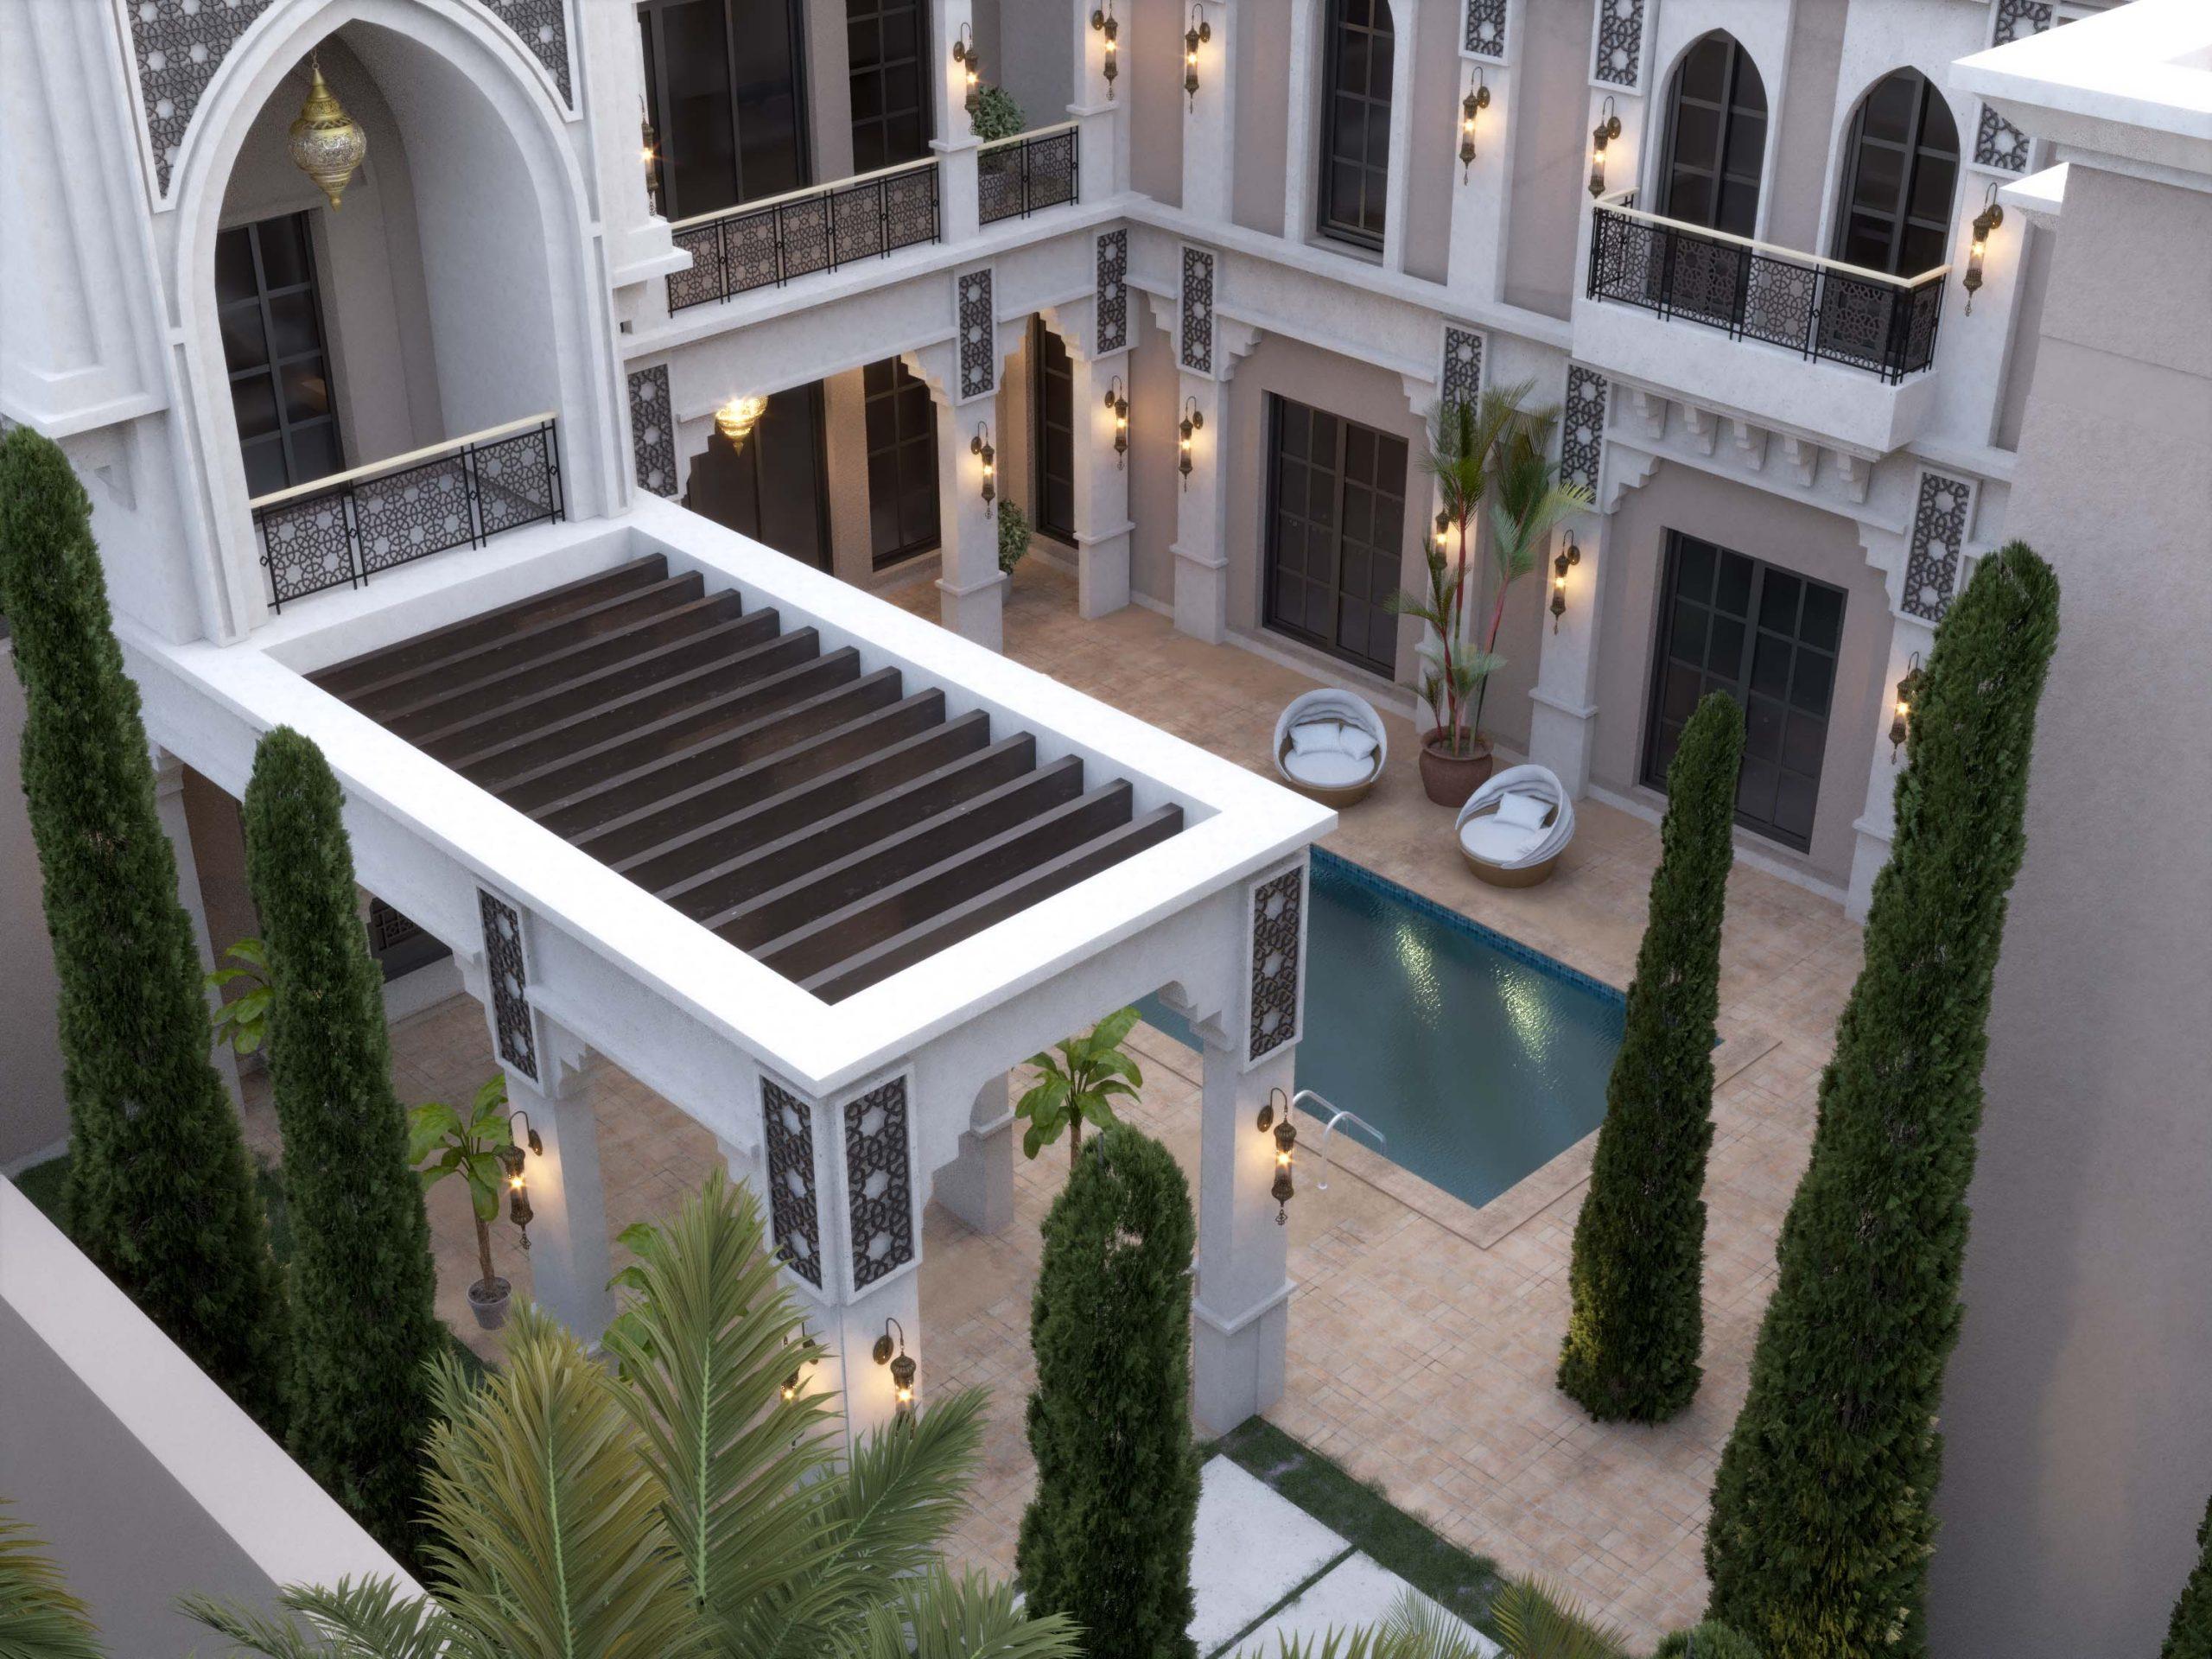 top view - swimming pool - wood - villa design